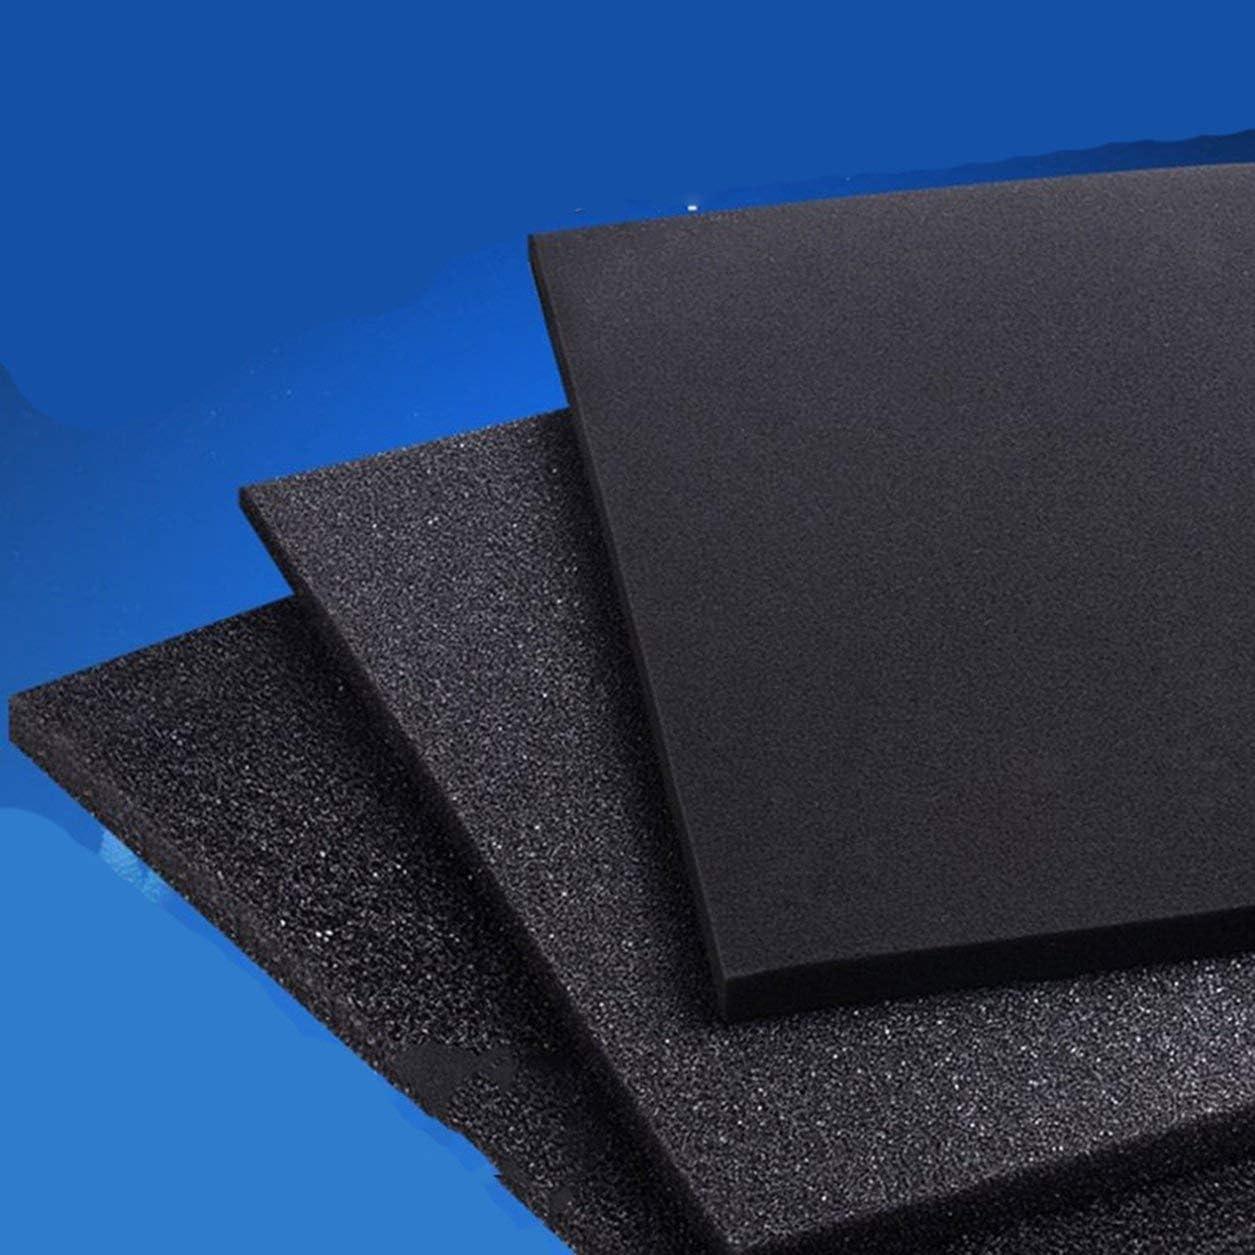 Dailyinshop R/éservoir de Poissons daquarium en Mousse Noire Universelle Filtre Filtre biochimique Design l/éger et de Douceur Taille: 50x12x2cm Couleur: Noir